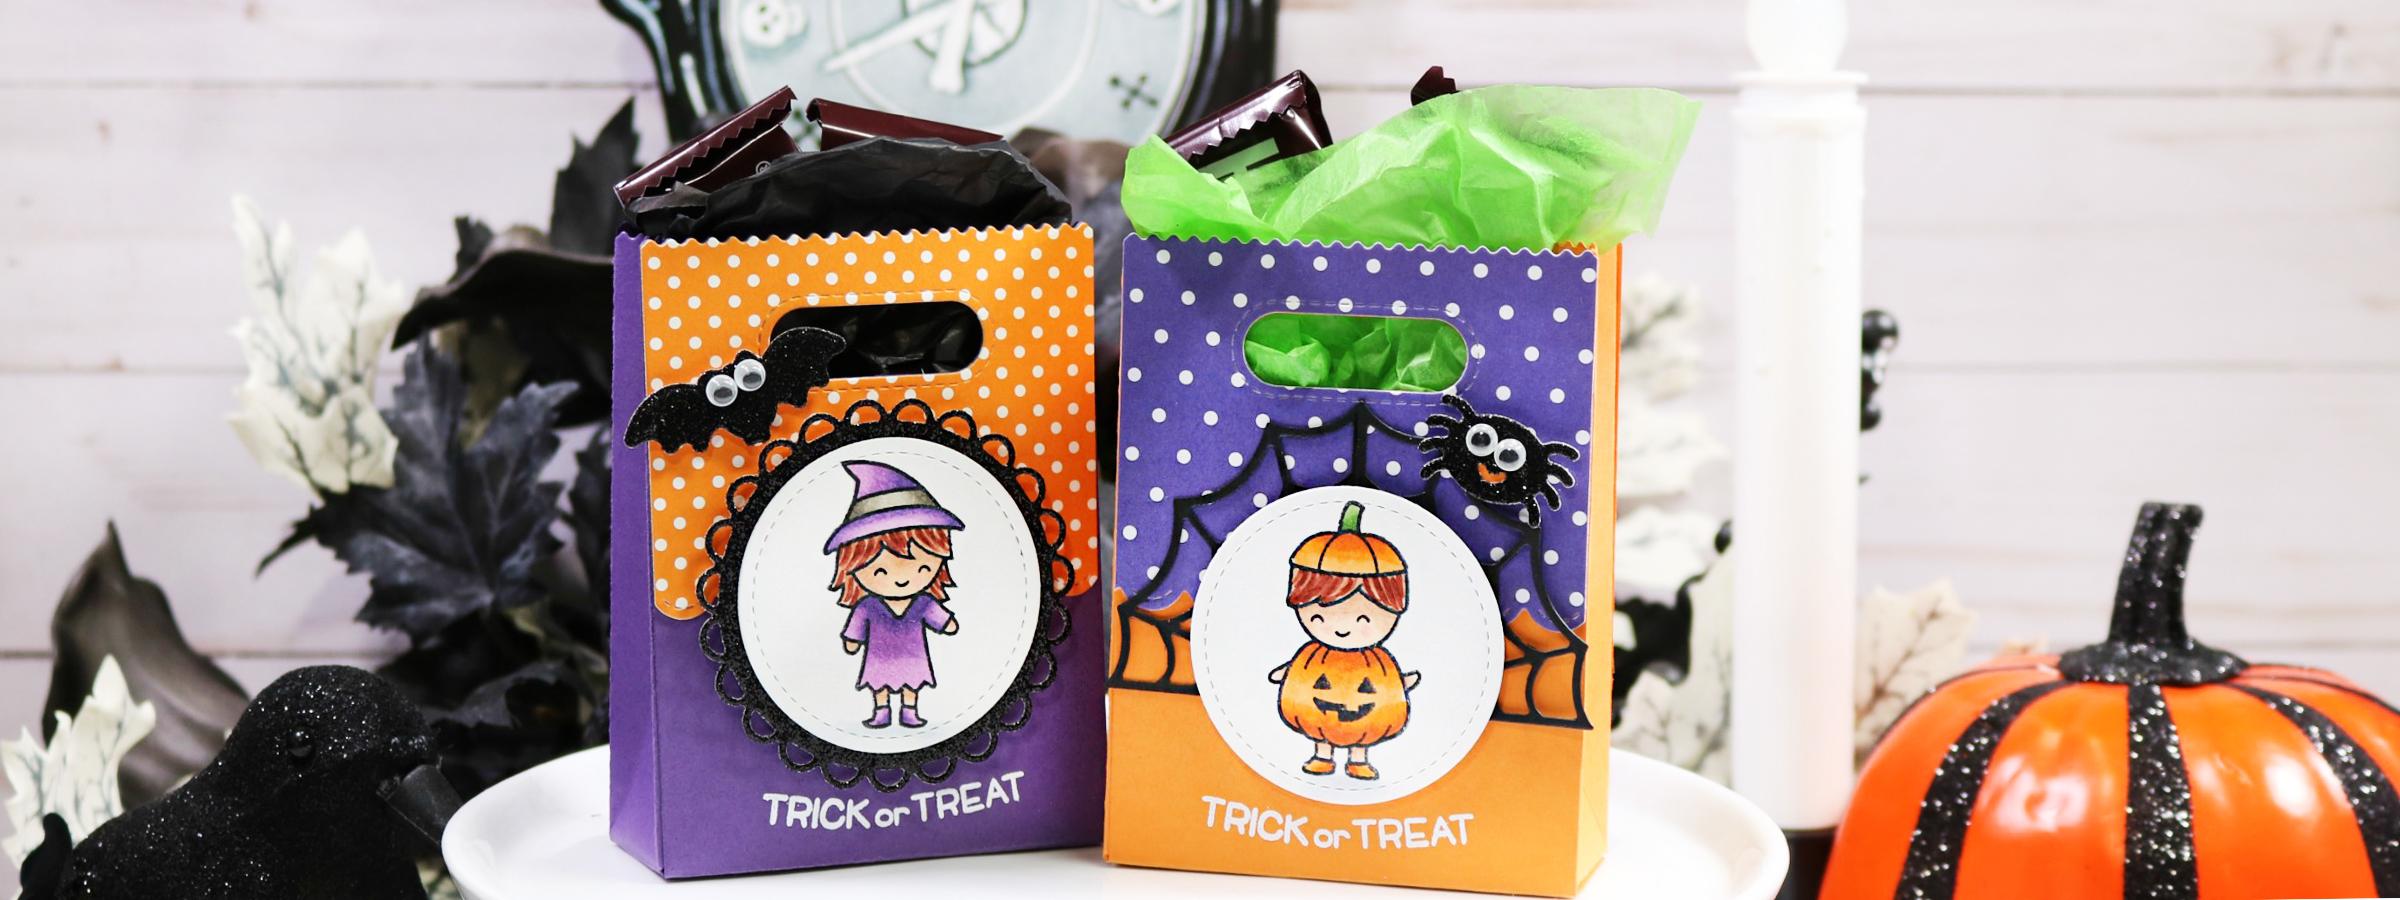 d.i.y. halloween goodie bags